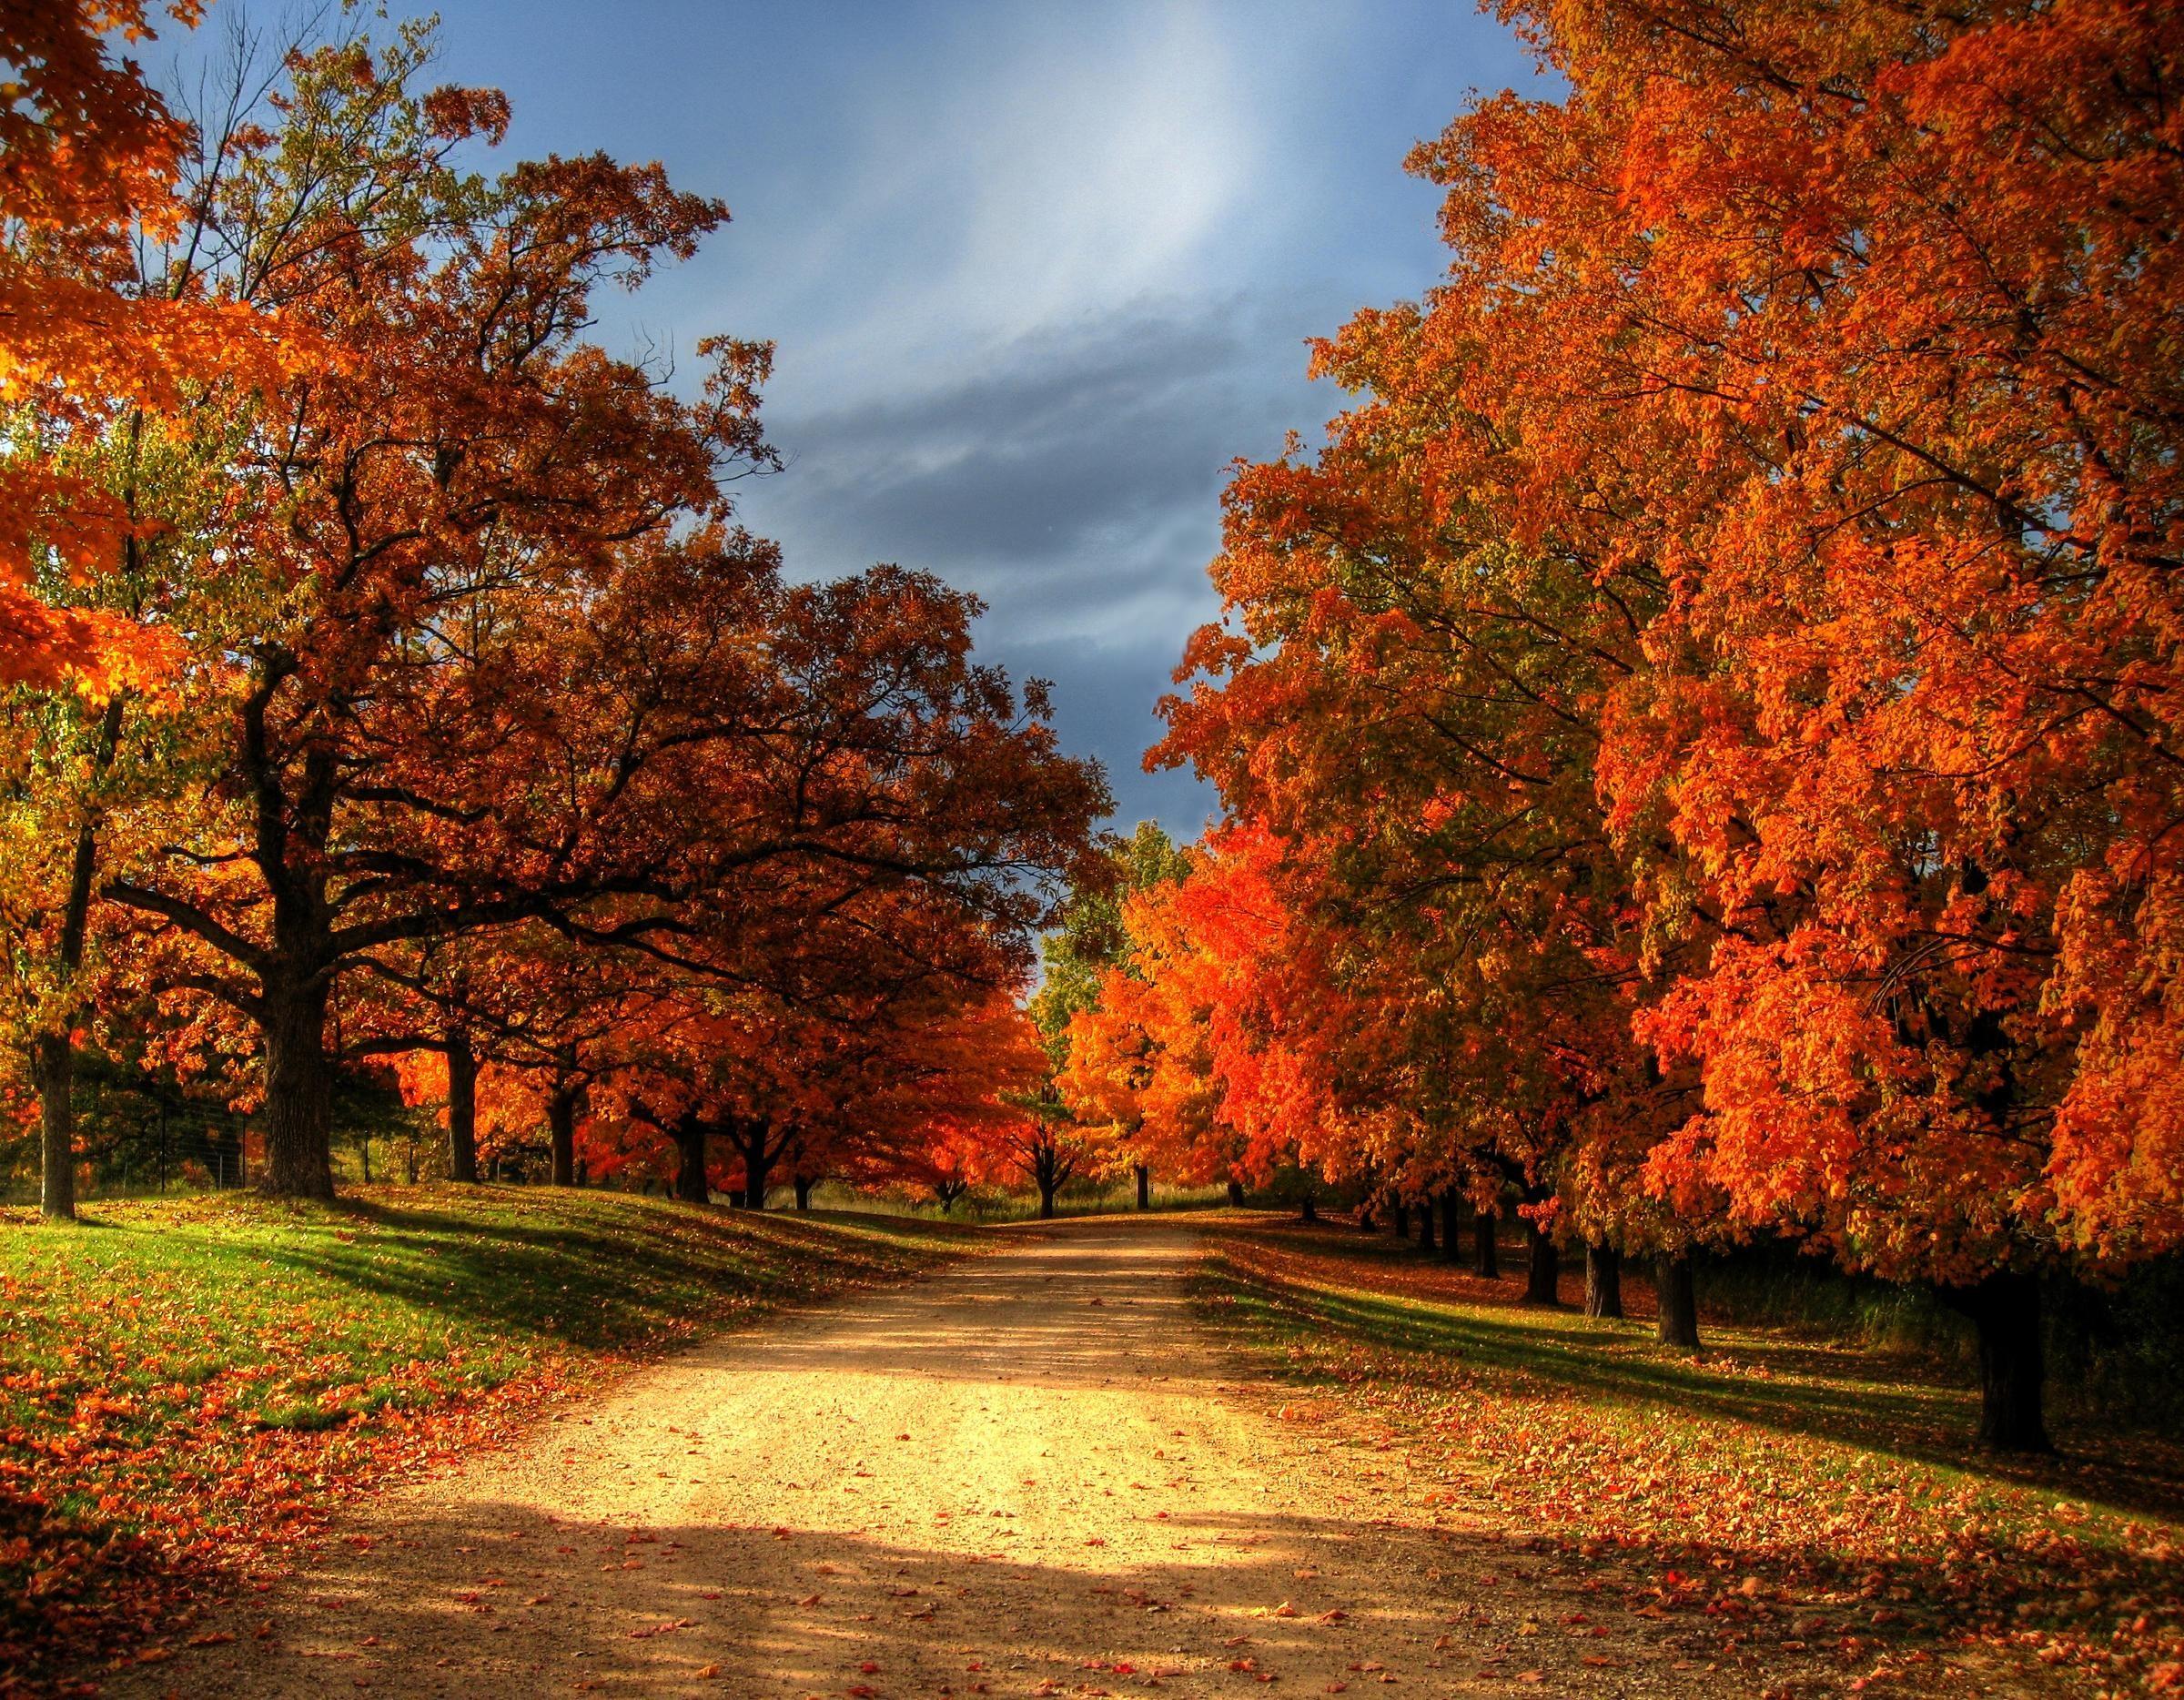 Fall Country Scenes Wallpaper - WallpaperSafari